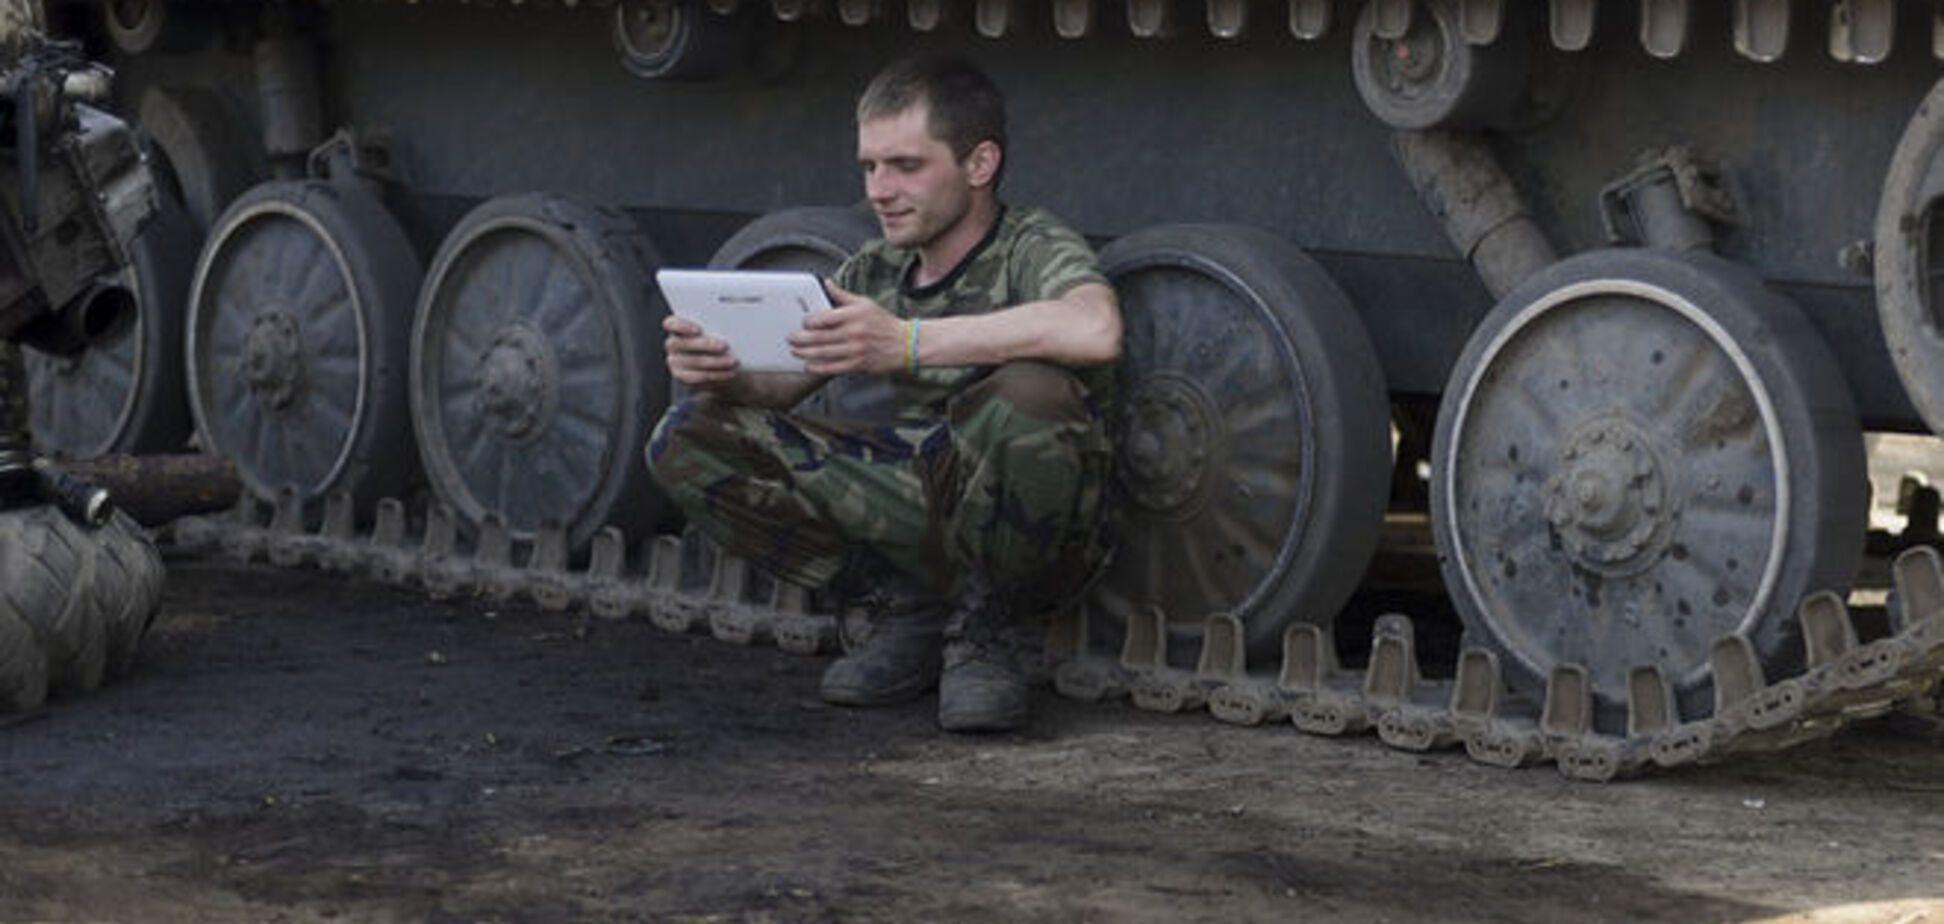 Молитвы и спортзал: бойцы АТО обустраивают быт под обстрелами террористов